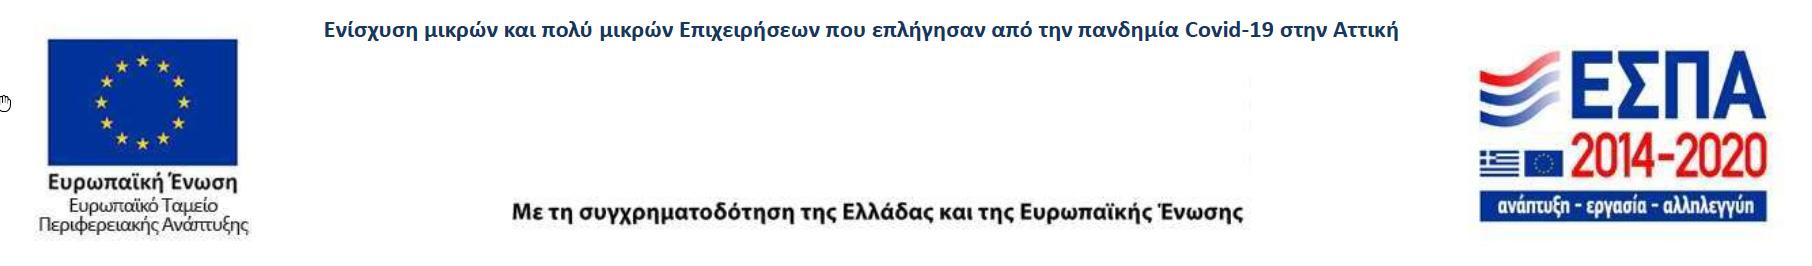 Χρηματοδότηση ΕΣΠΑ Ευρωπαϊκή Ένωση και Περιφέρεια Αττικής